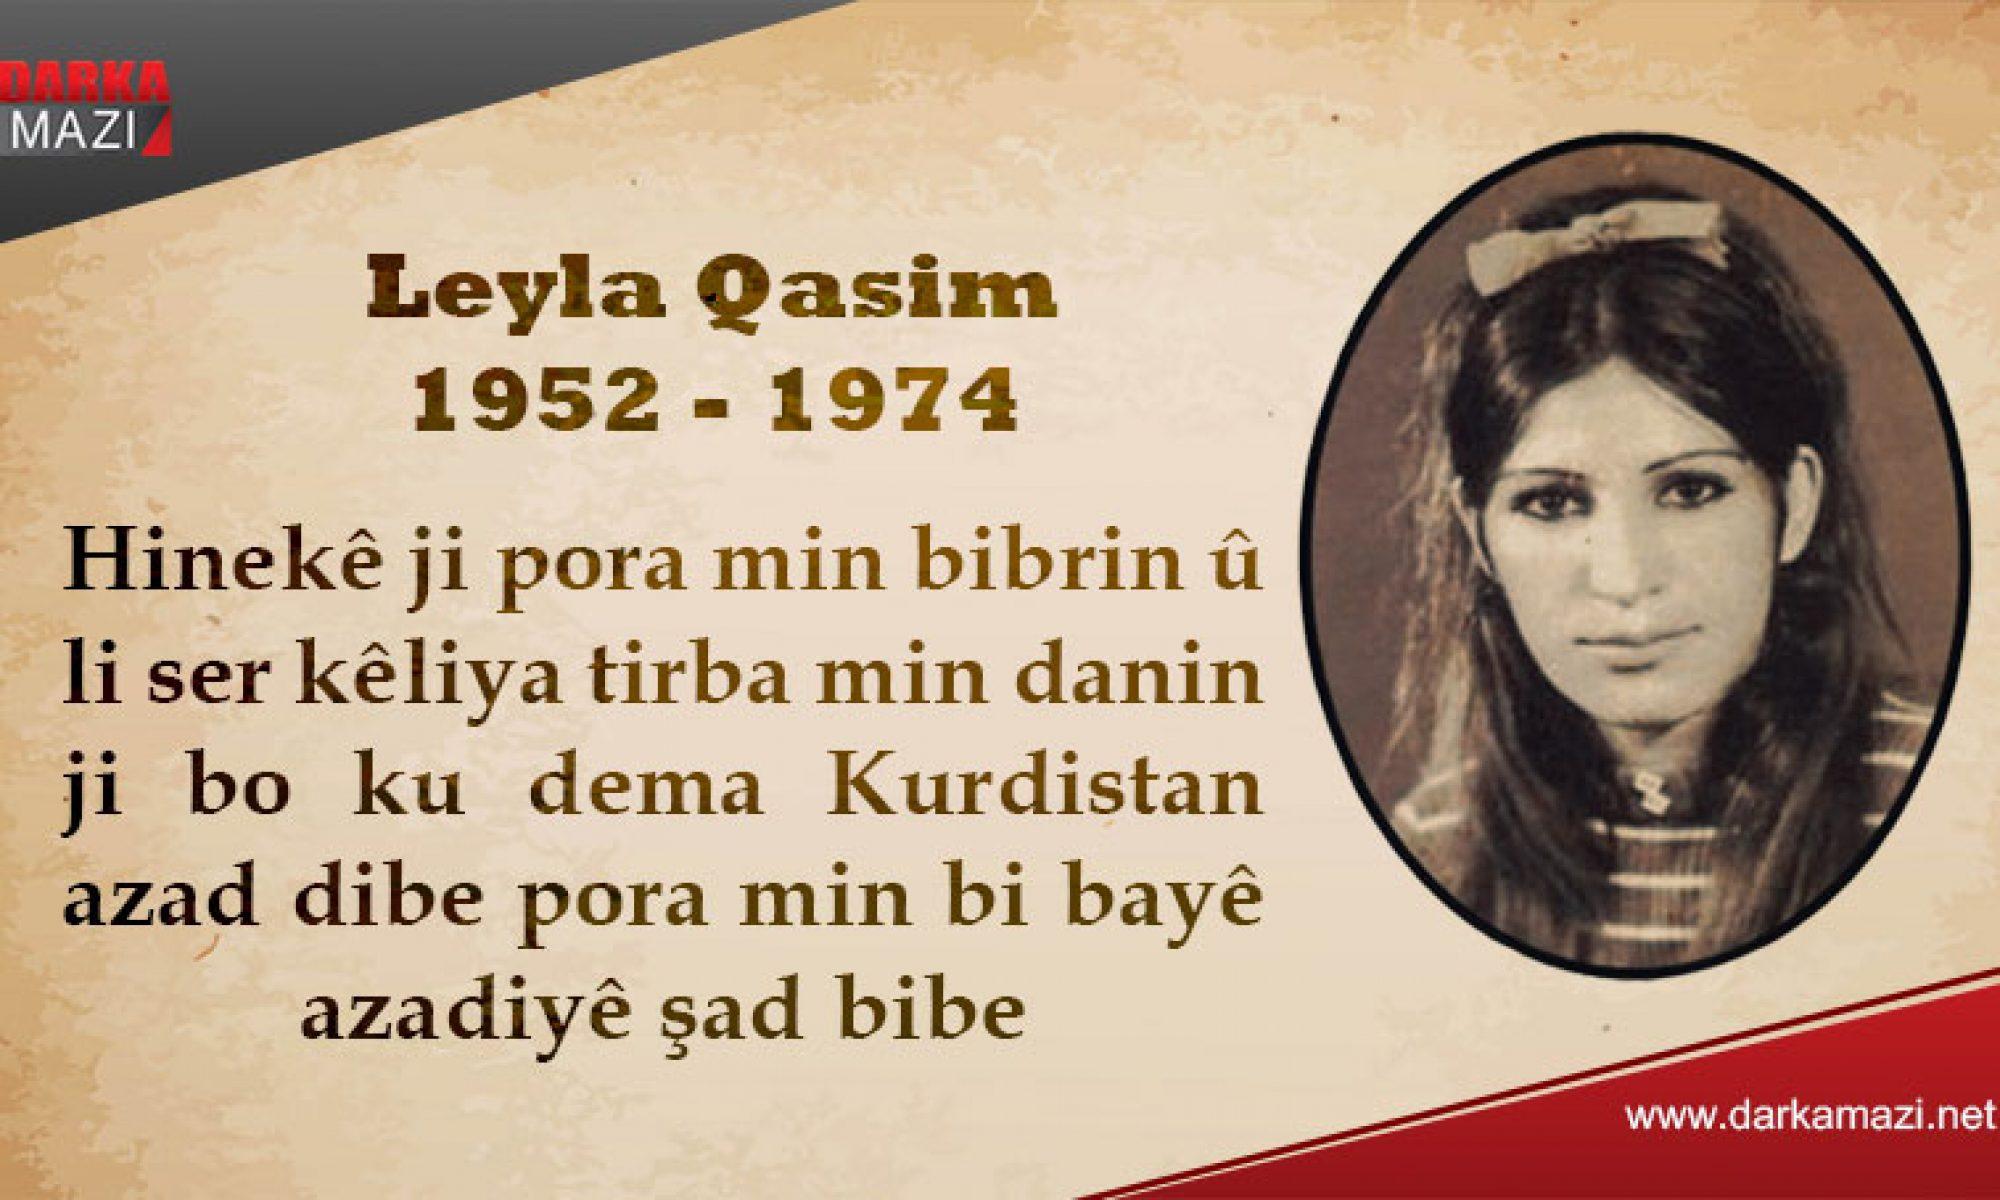 Saddam'ı öfkelendiren Kürt kızı Leyla Qasım'ın idamının üstünde 47 yıl geçti